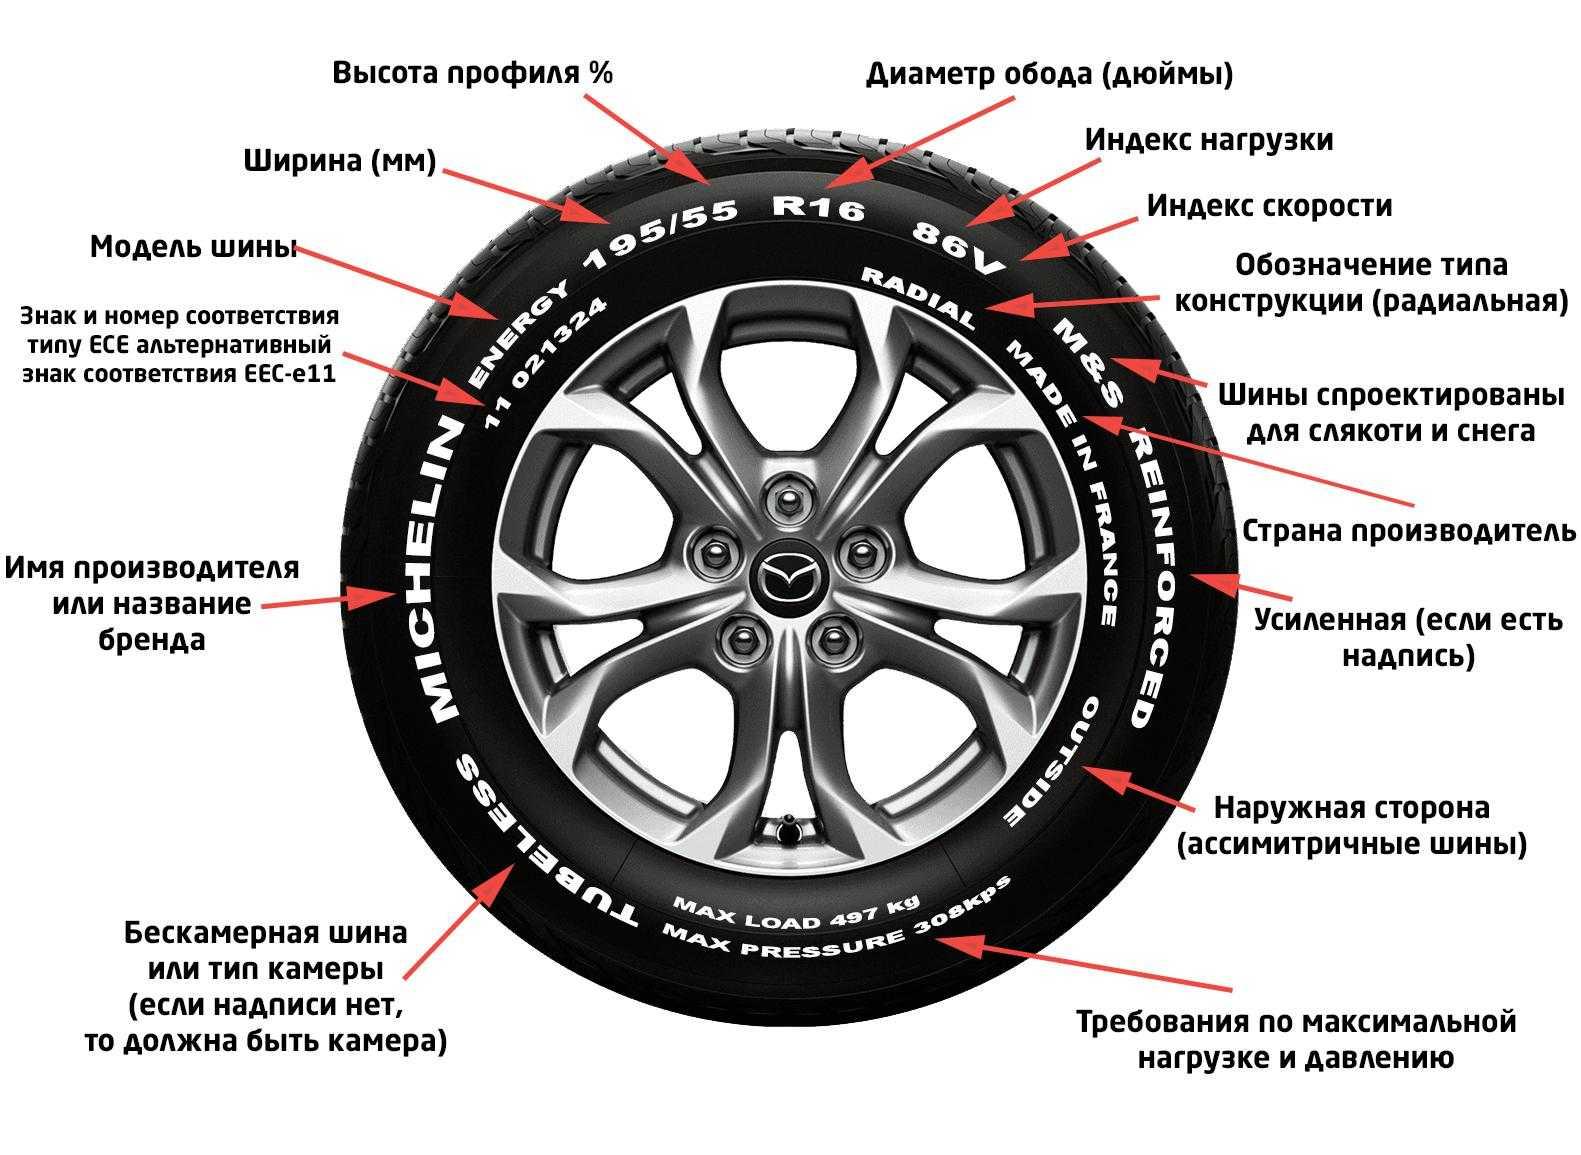 Что означают цветные полоски на шинах